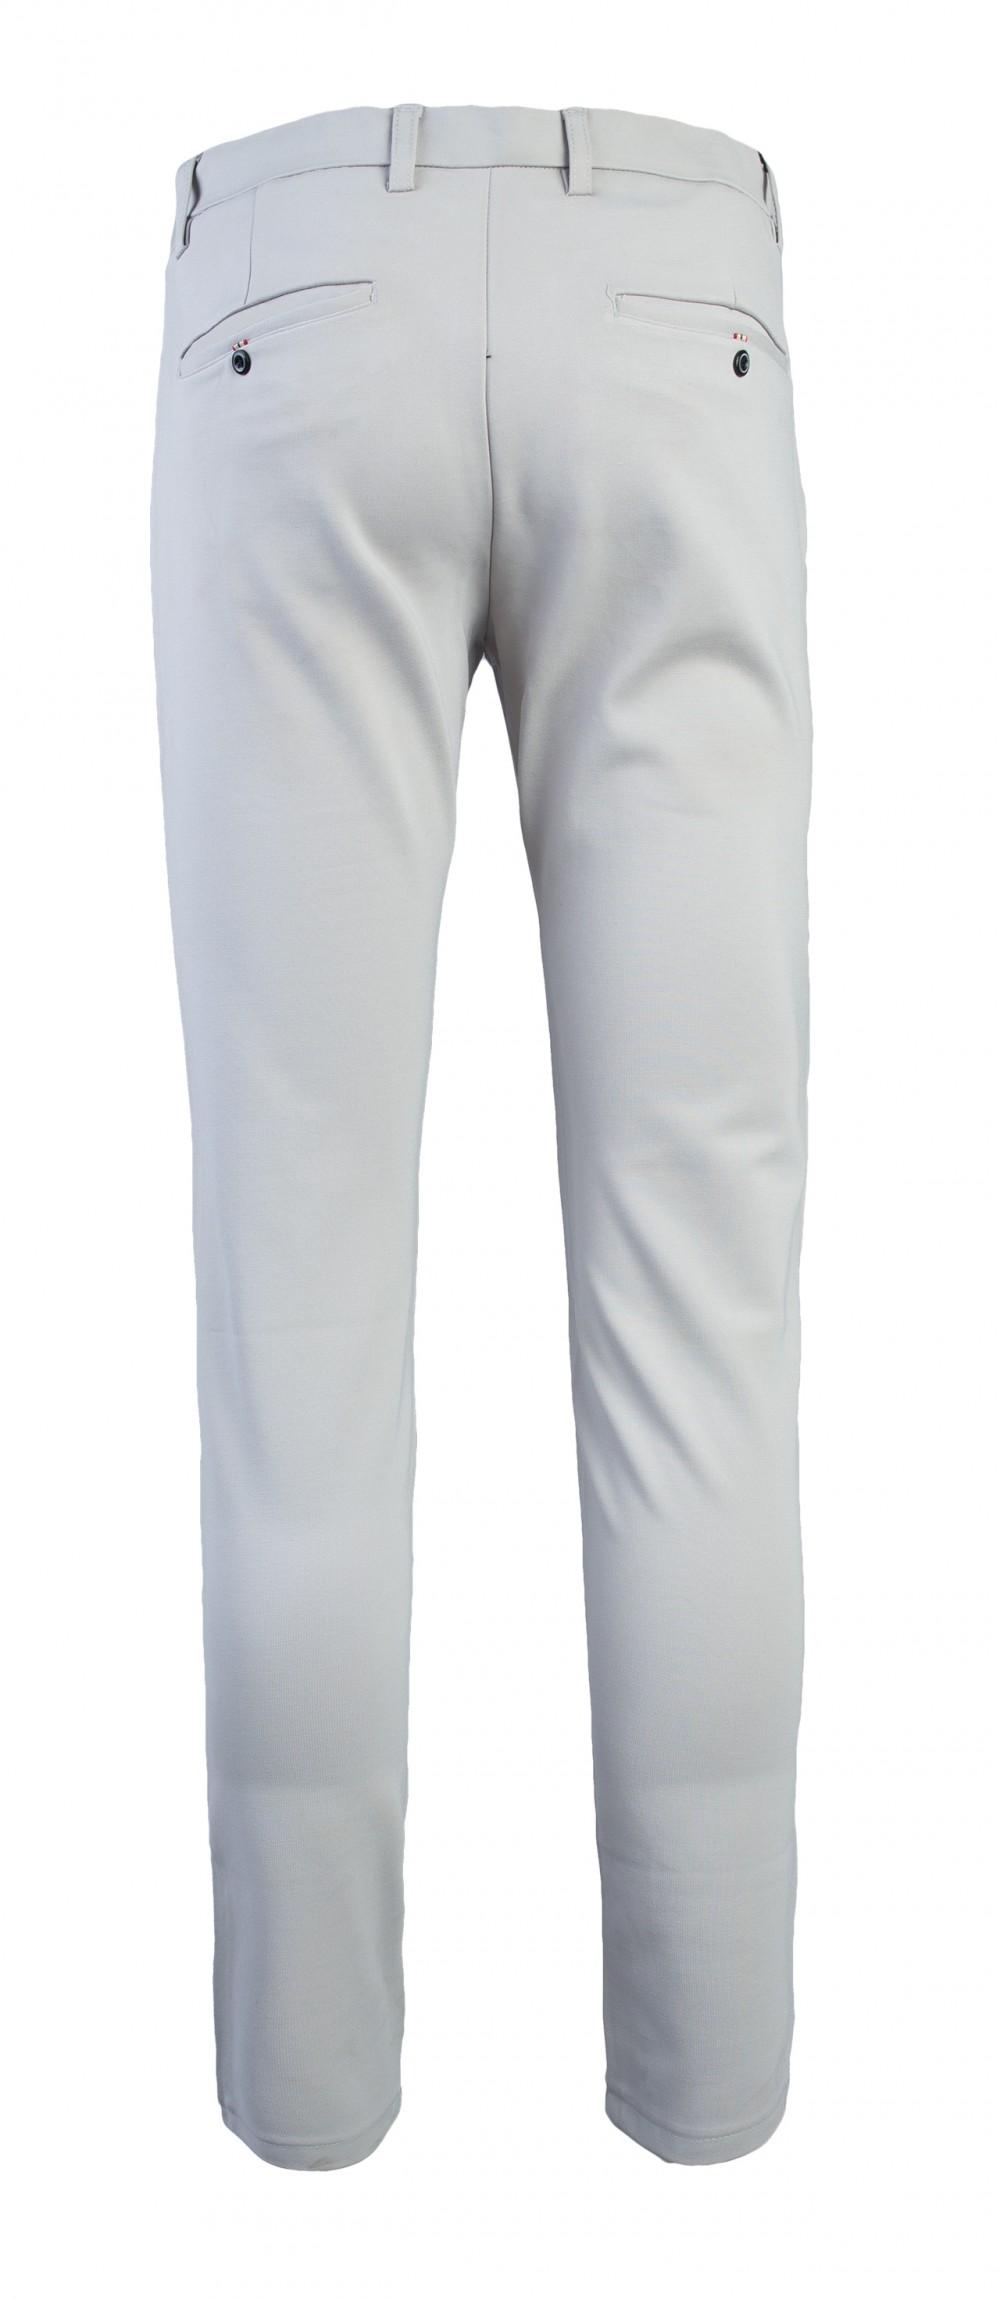 Quần tây xám trắng qt109 - 3